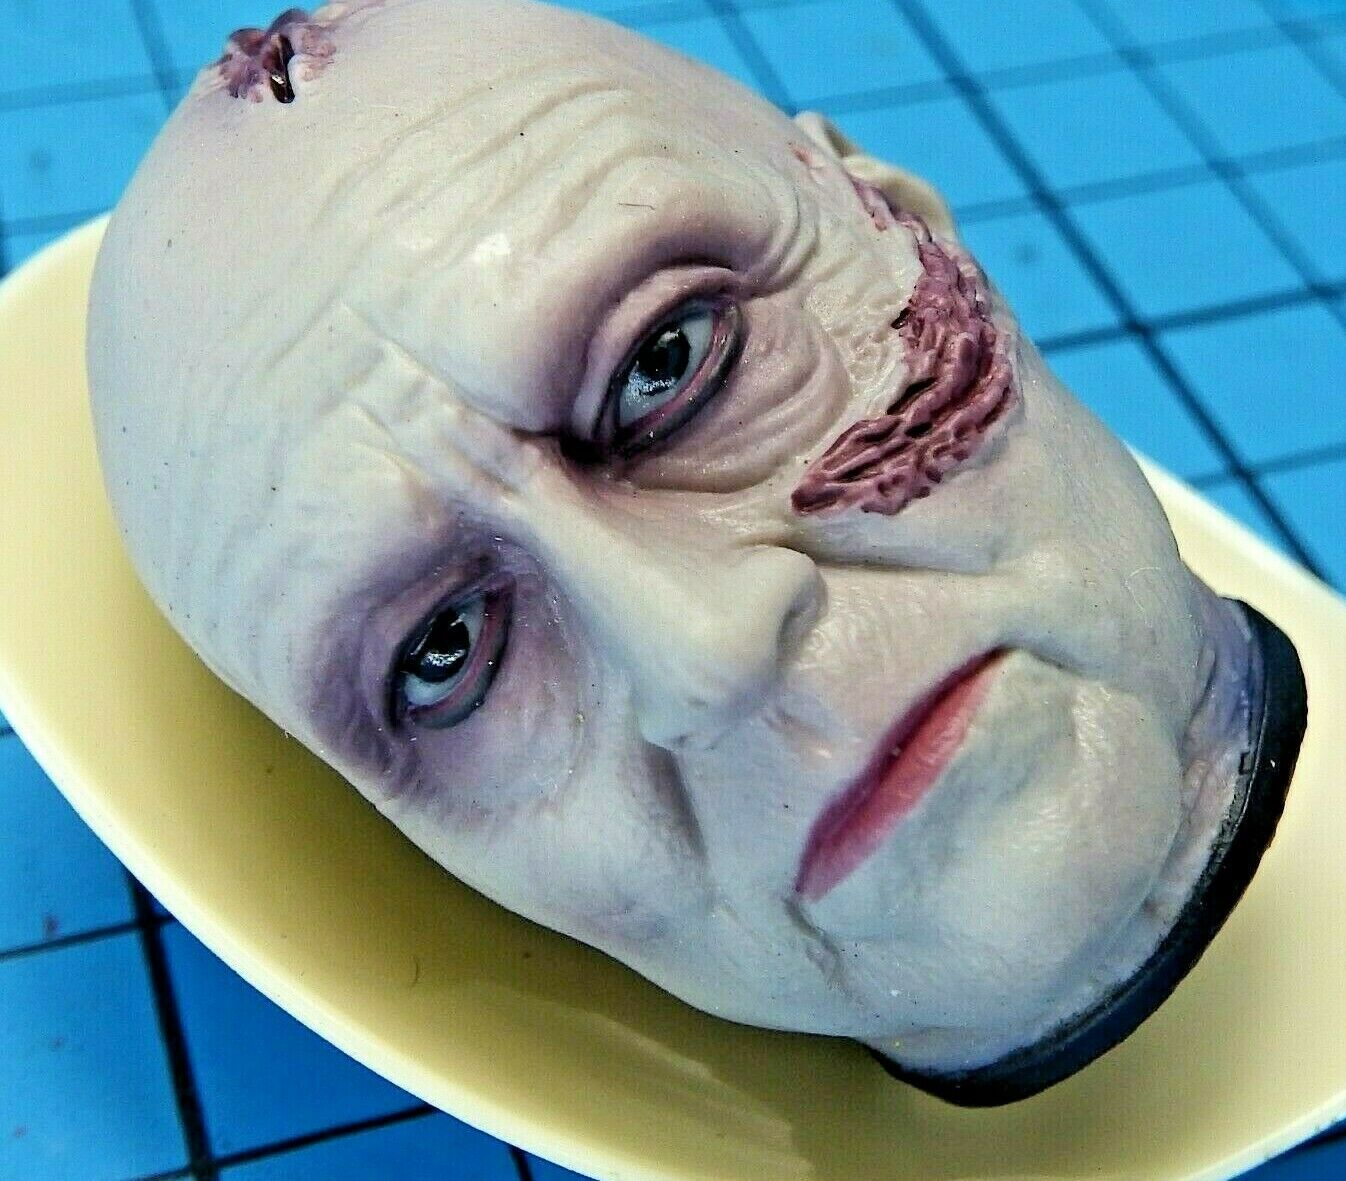 Medicom 1 6 Guerra De Las Galaxias Darth Vader 2.0 figura-desenmascarado Vader cabeza esculpida